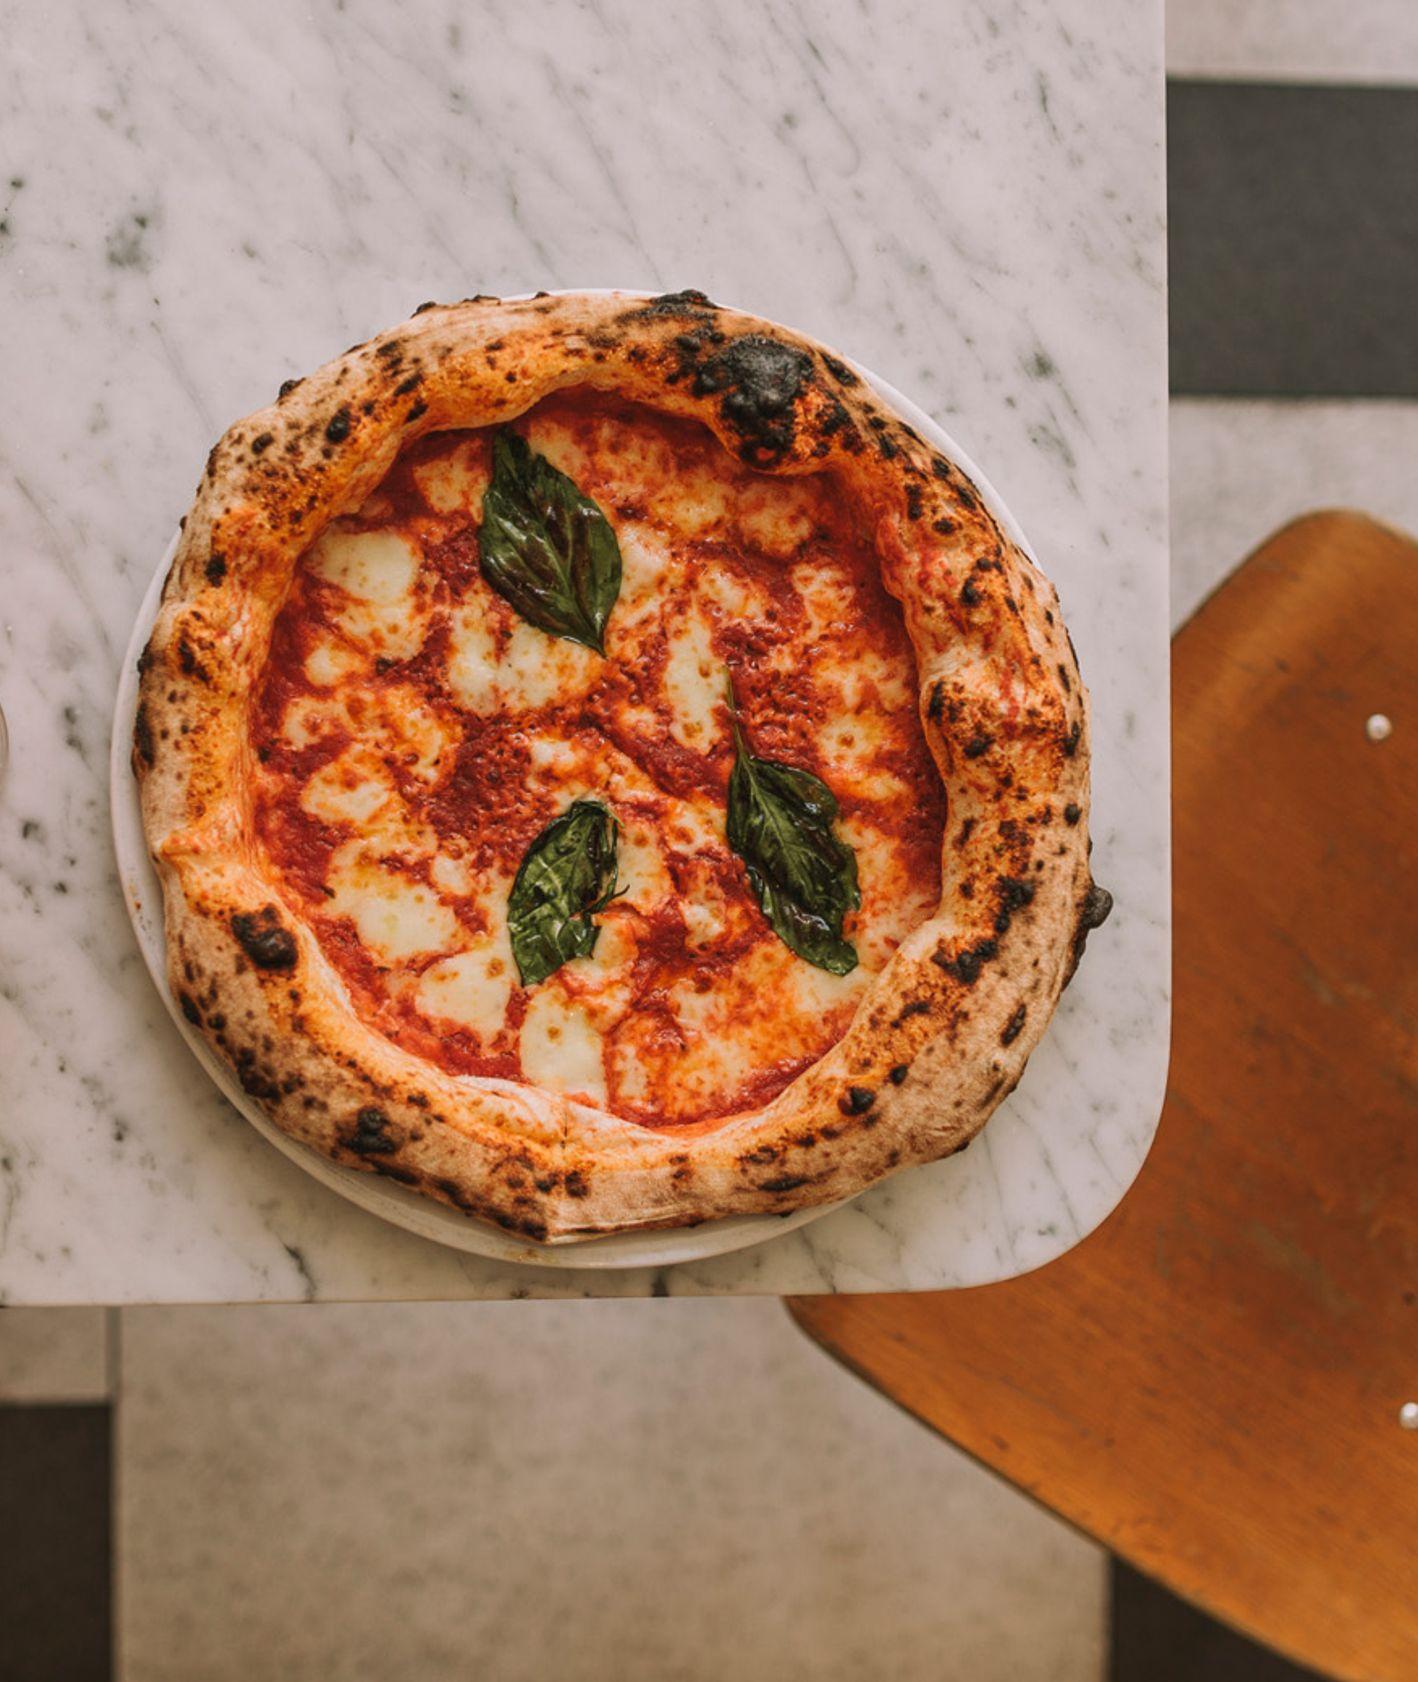 Pizza z bazylią, krzesło, blat marmurowy